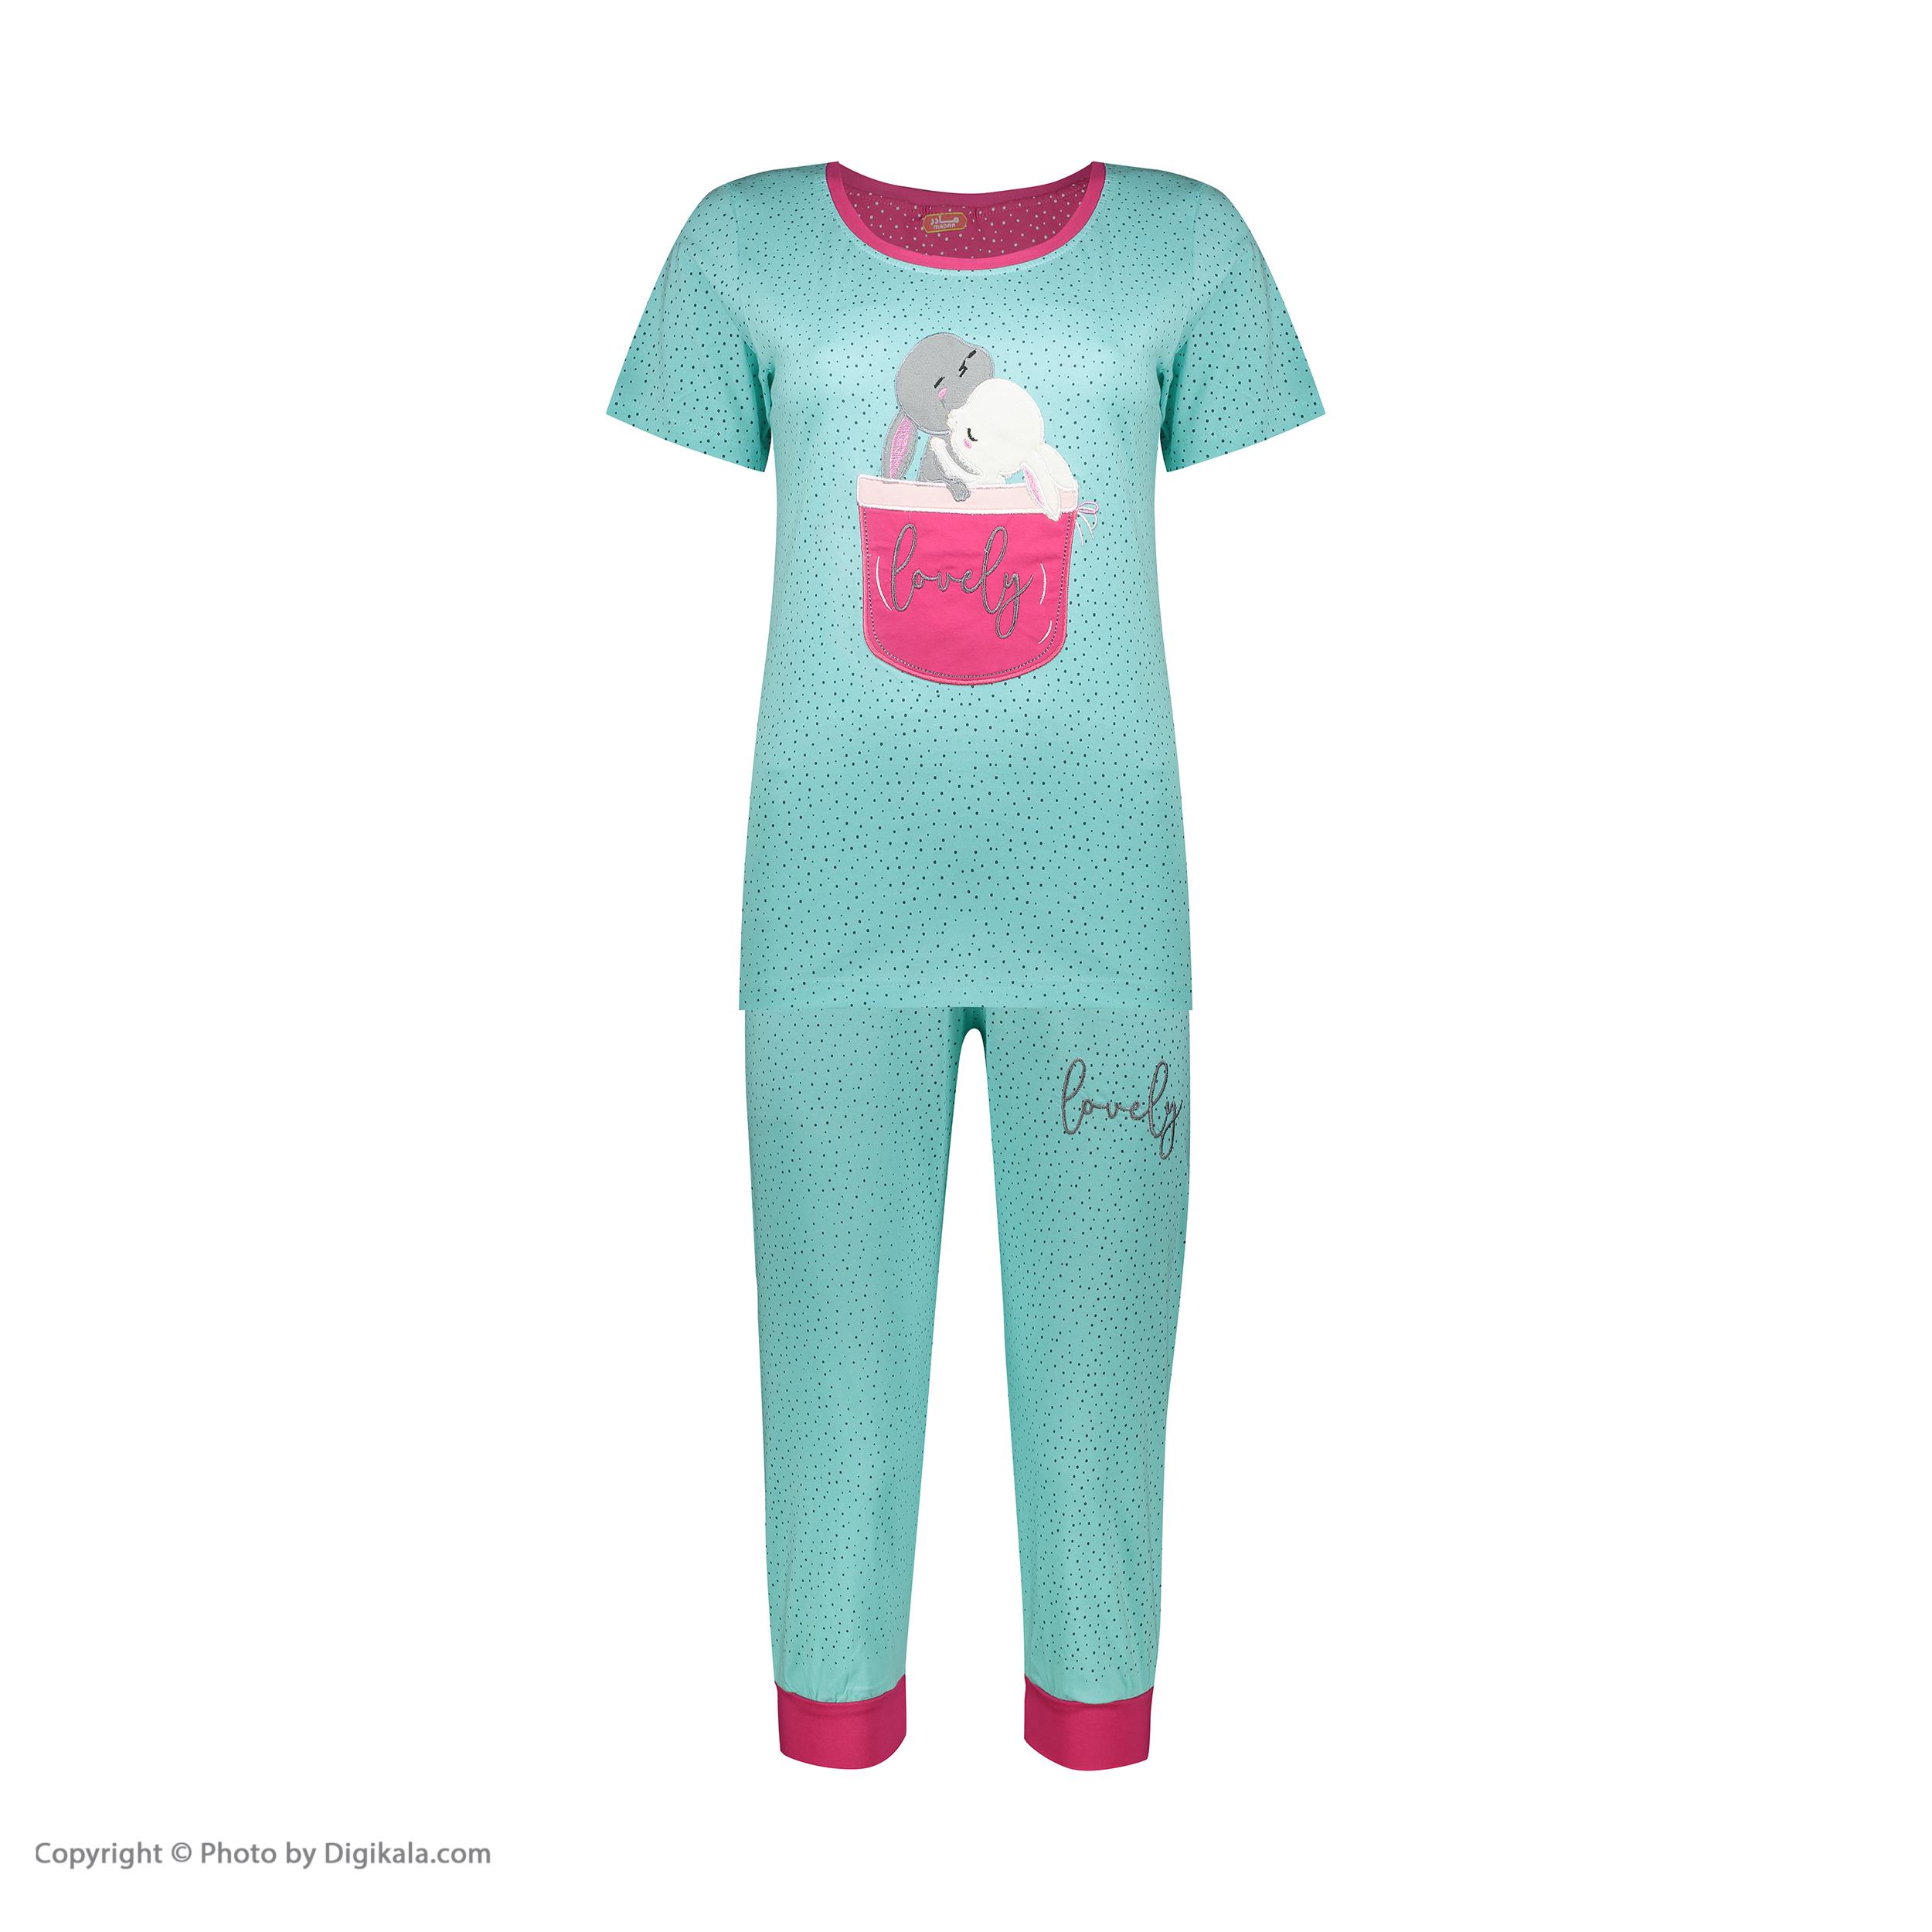 ست تی شرت و شلوارک راحتی زنانه مادر مدل 2041102-54 -  - 3